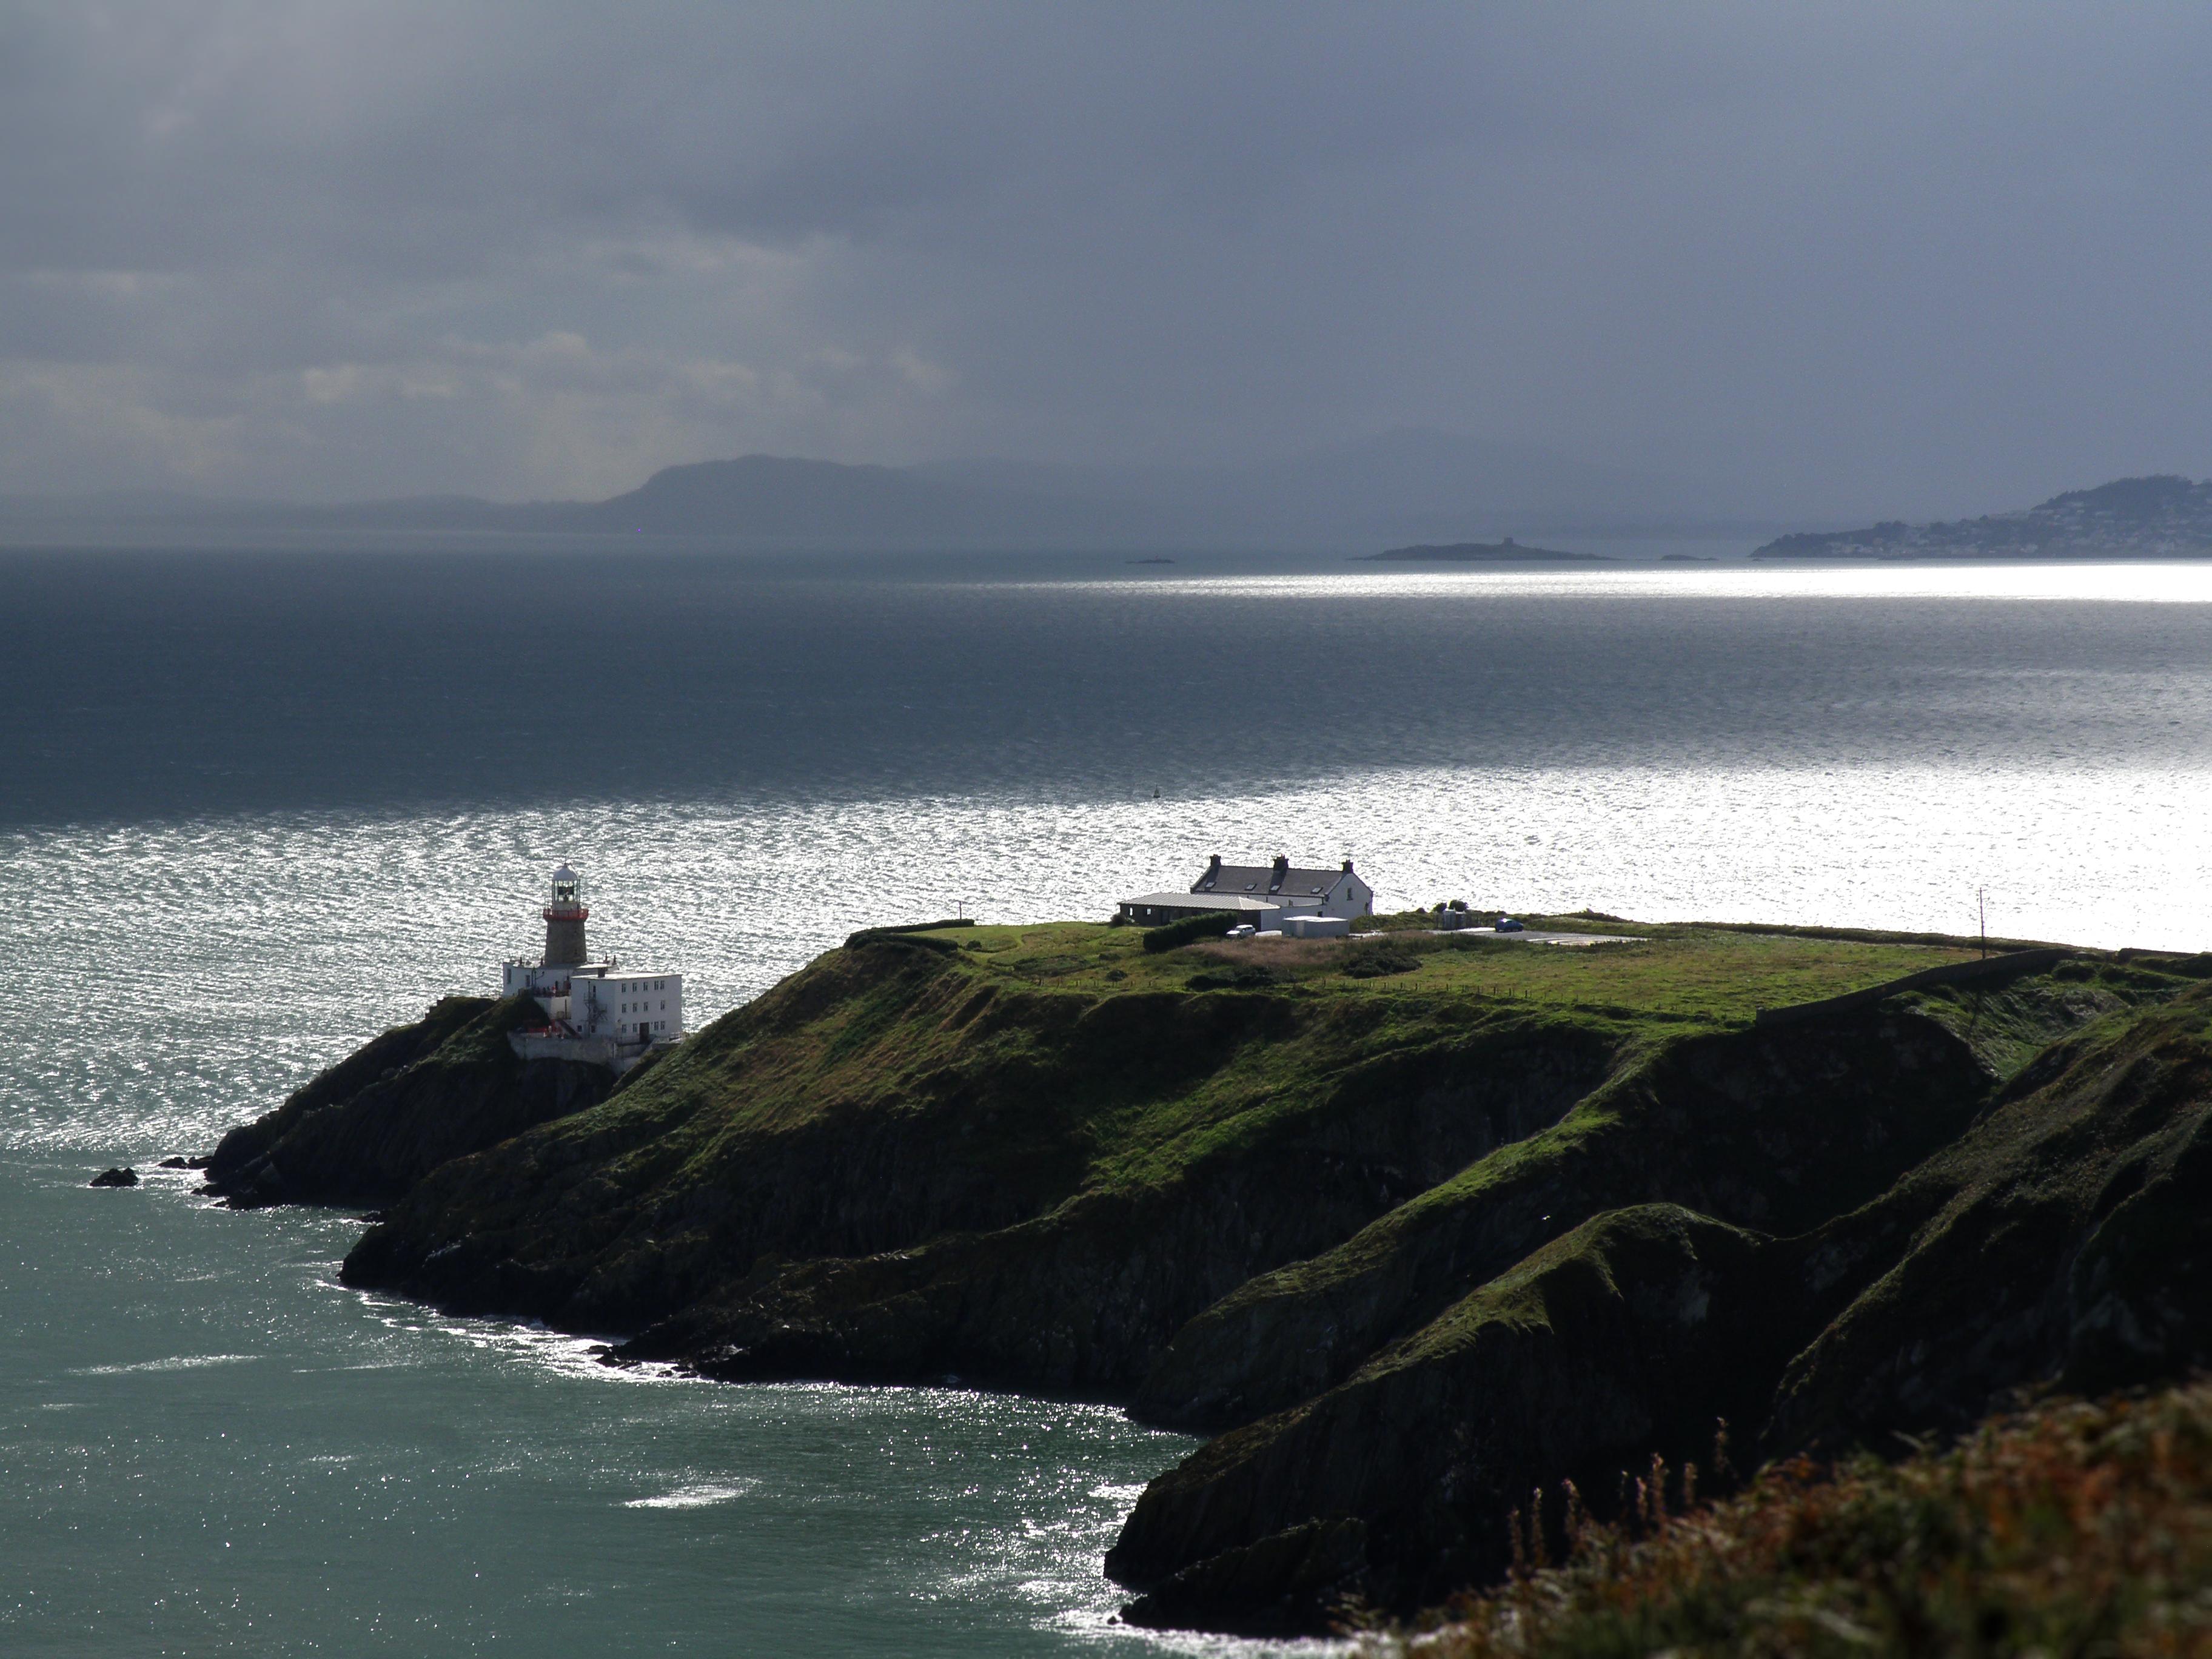 Svetilnik Baily na jugu polotoka, z dublinskim zalivom v ozadju.